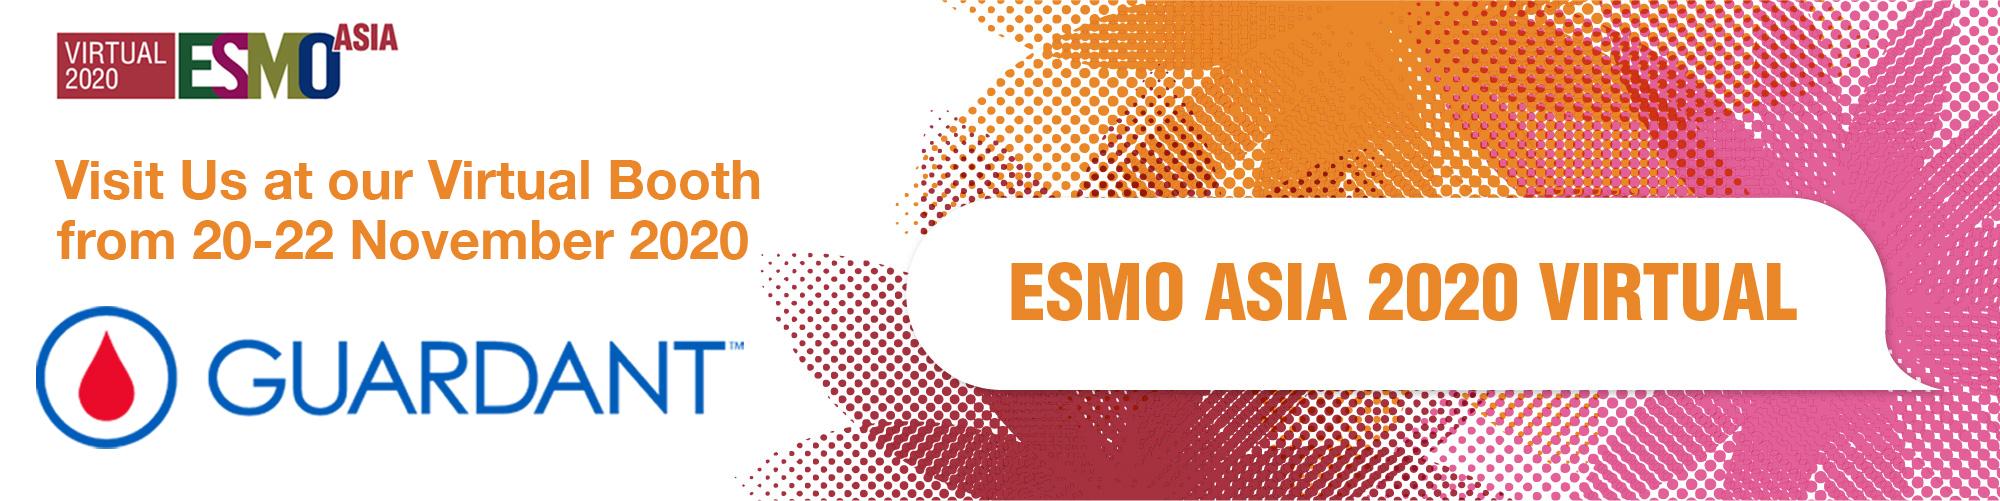 1 Day to go to ESMO Asia Virtual Congress 2020